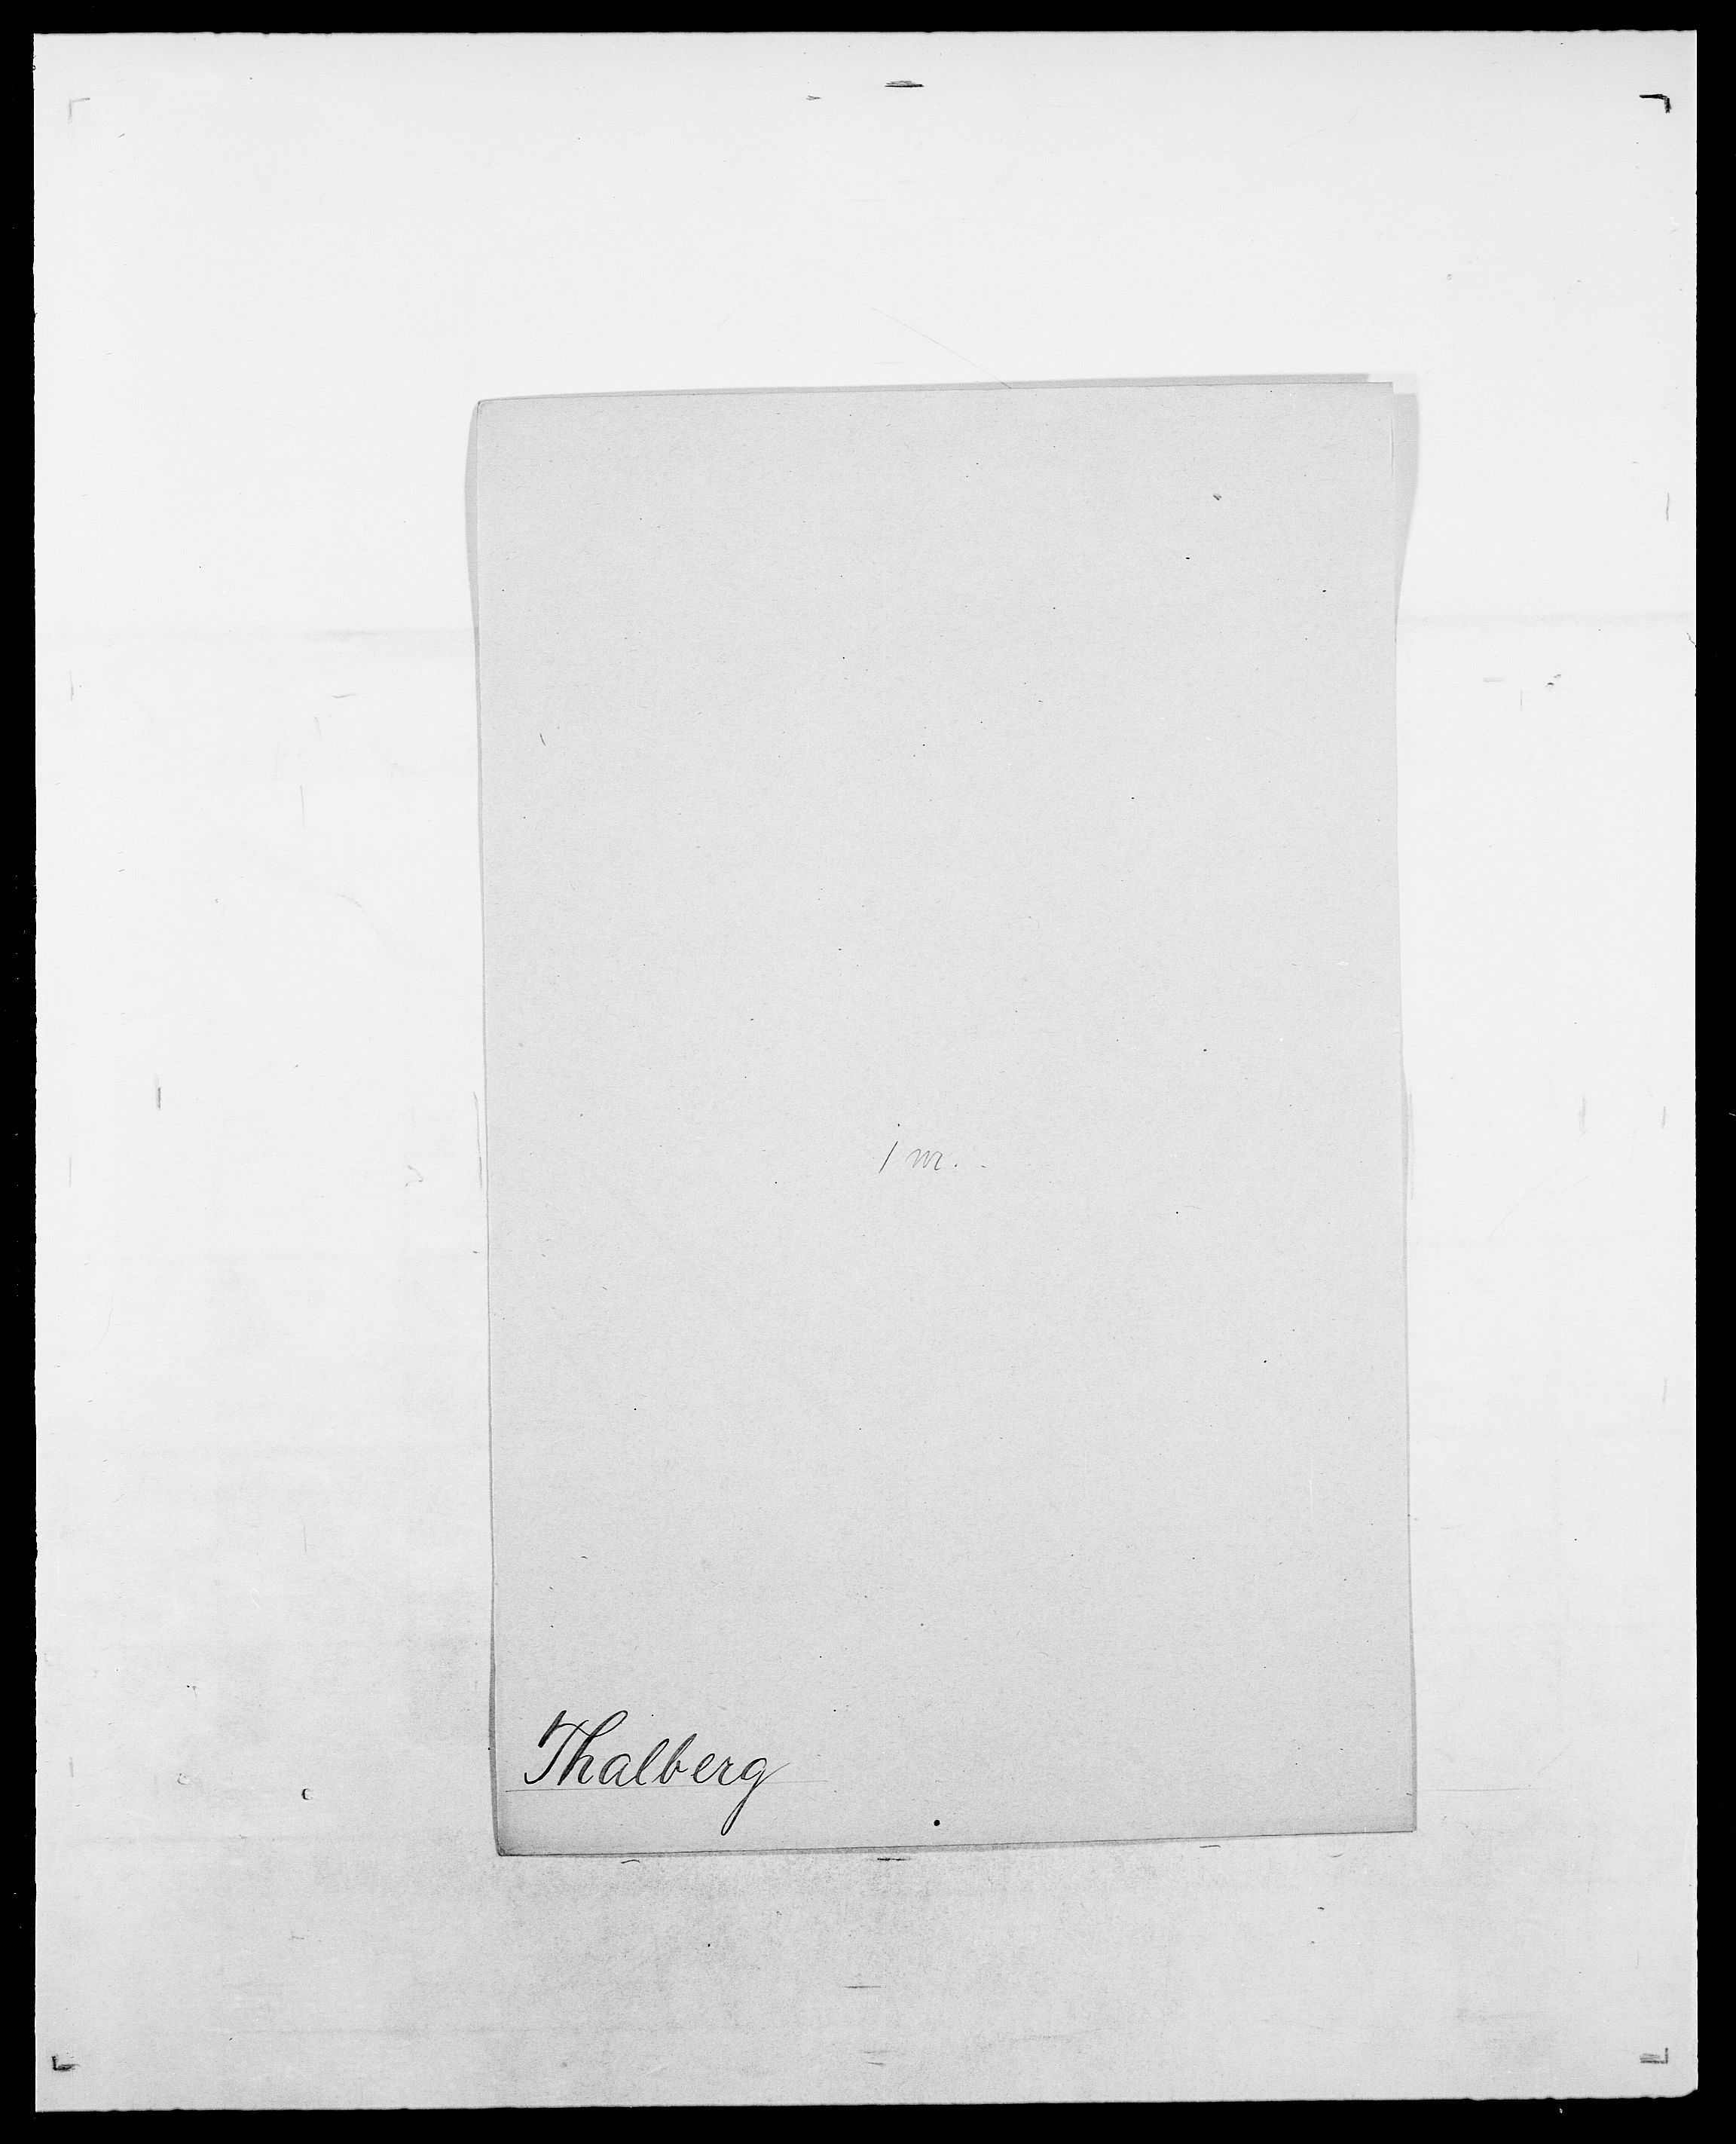 SAO, Delgobe, Charles Antoine - samling, D/Da/L0038: Svanenskjold - Thornsohn, s. 437